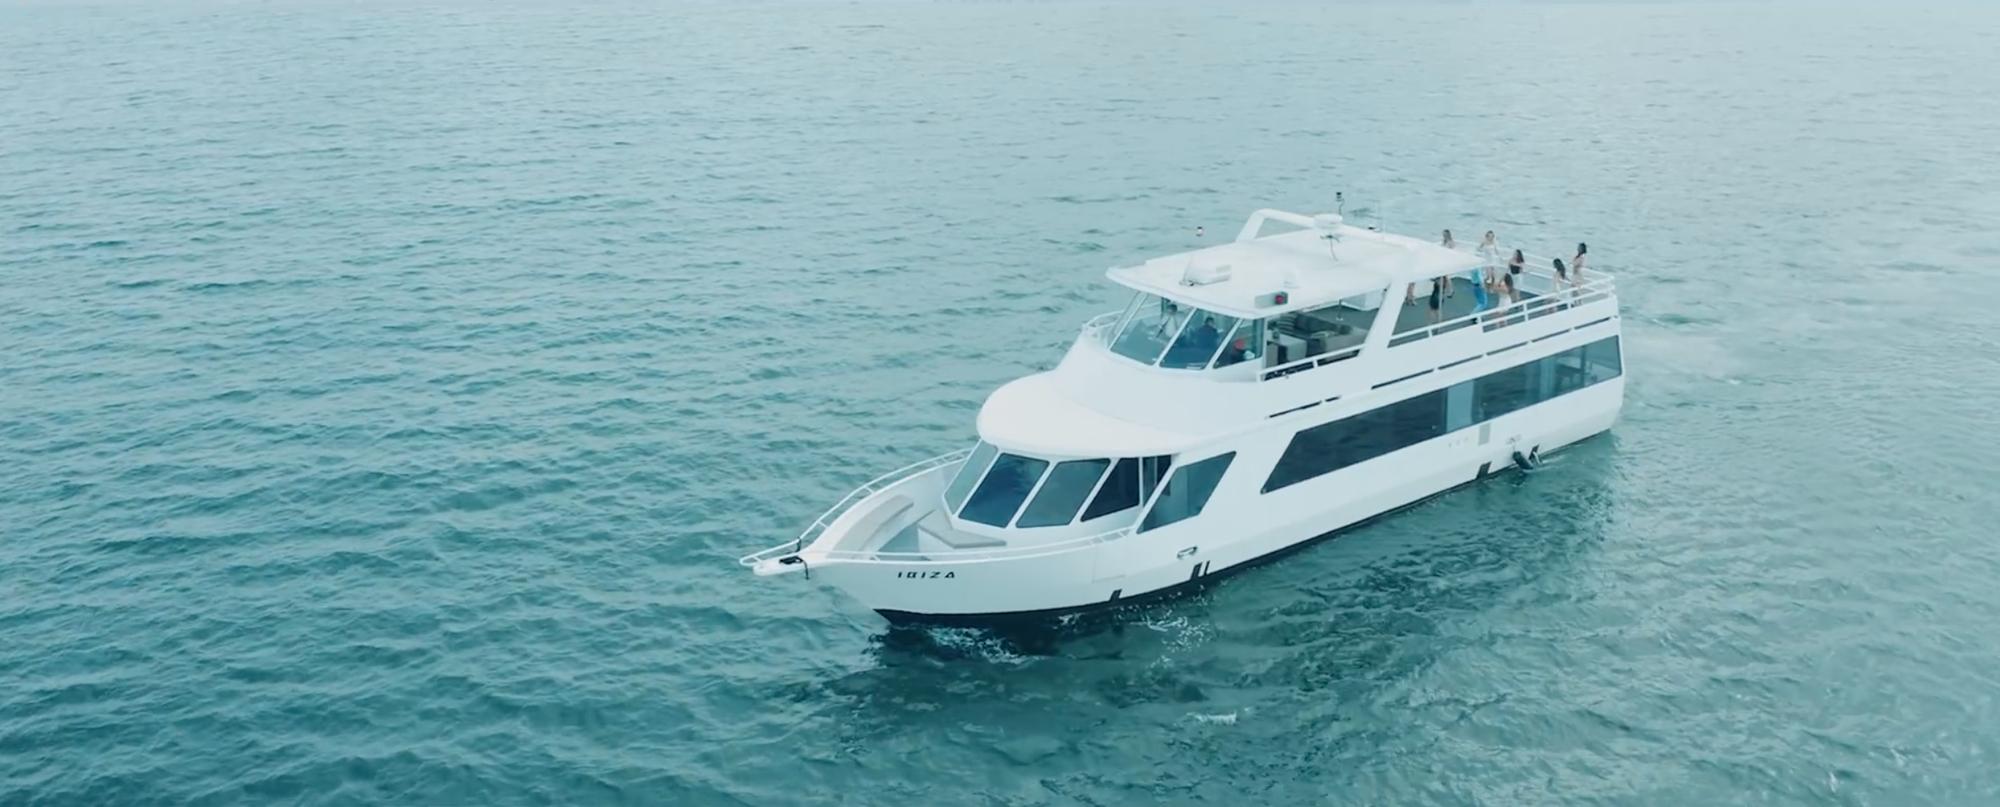 Sự thật về cruising trawler - du thuyền đánh cá bị chê là quê trong MV mới của Sơn Tùng M-TP - Ảnh 2.